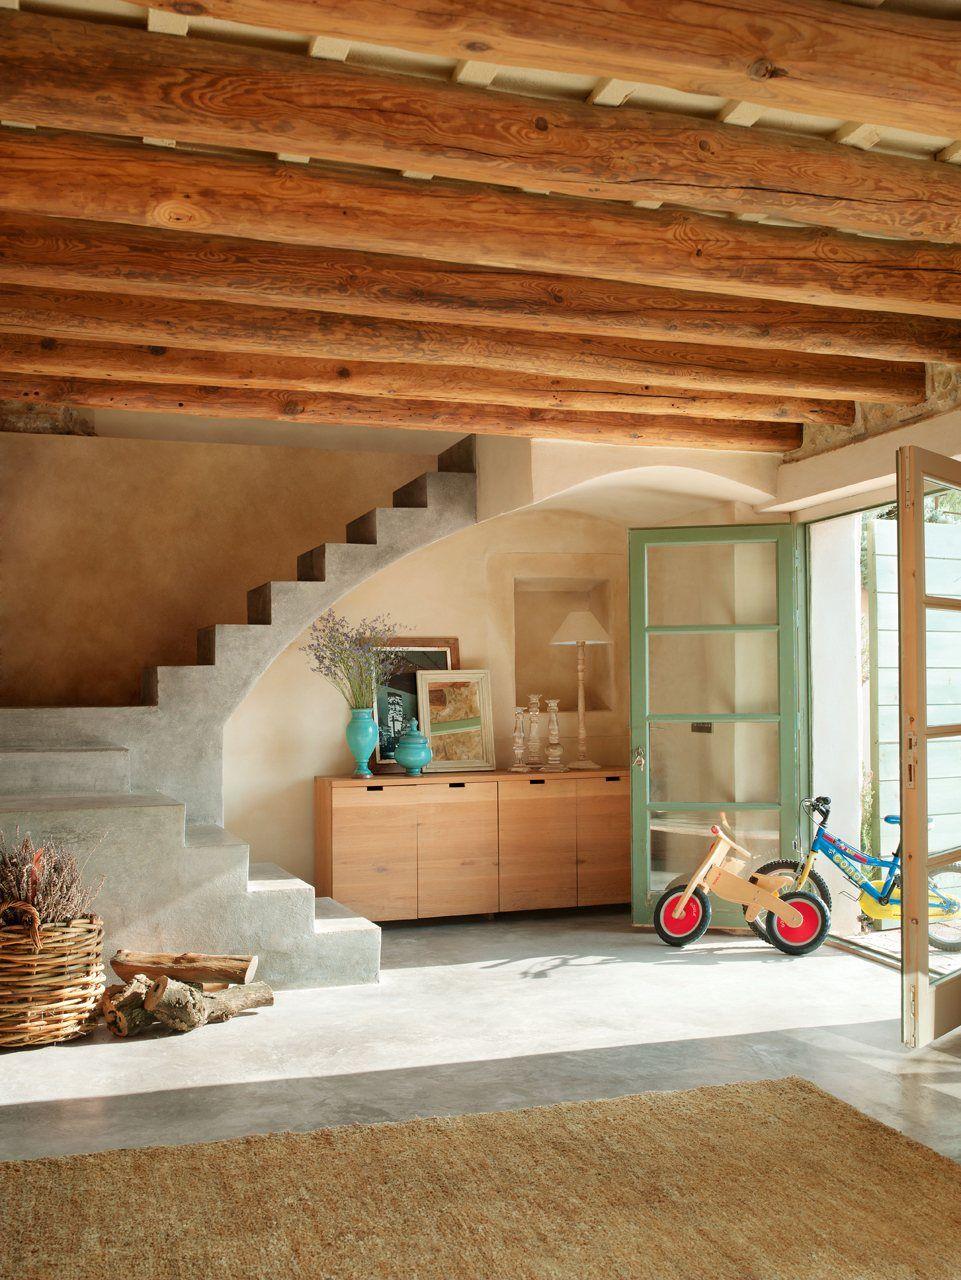 Una casa r stica llena de vitalidad casas for Escaleras interiores casas rusticas